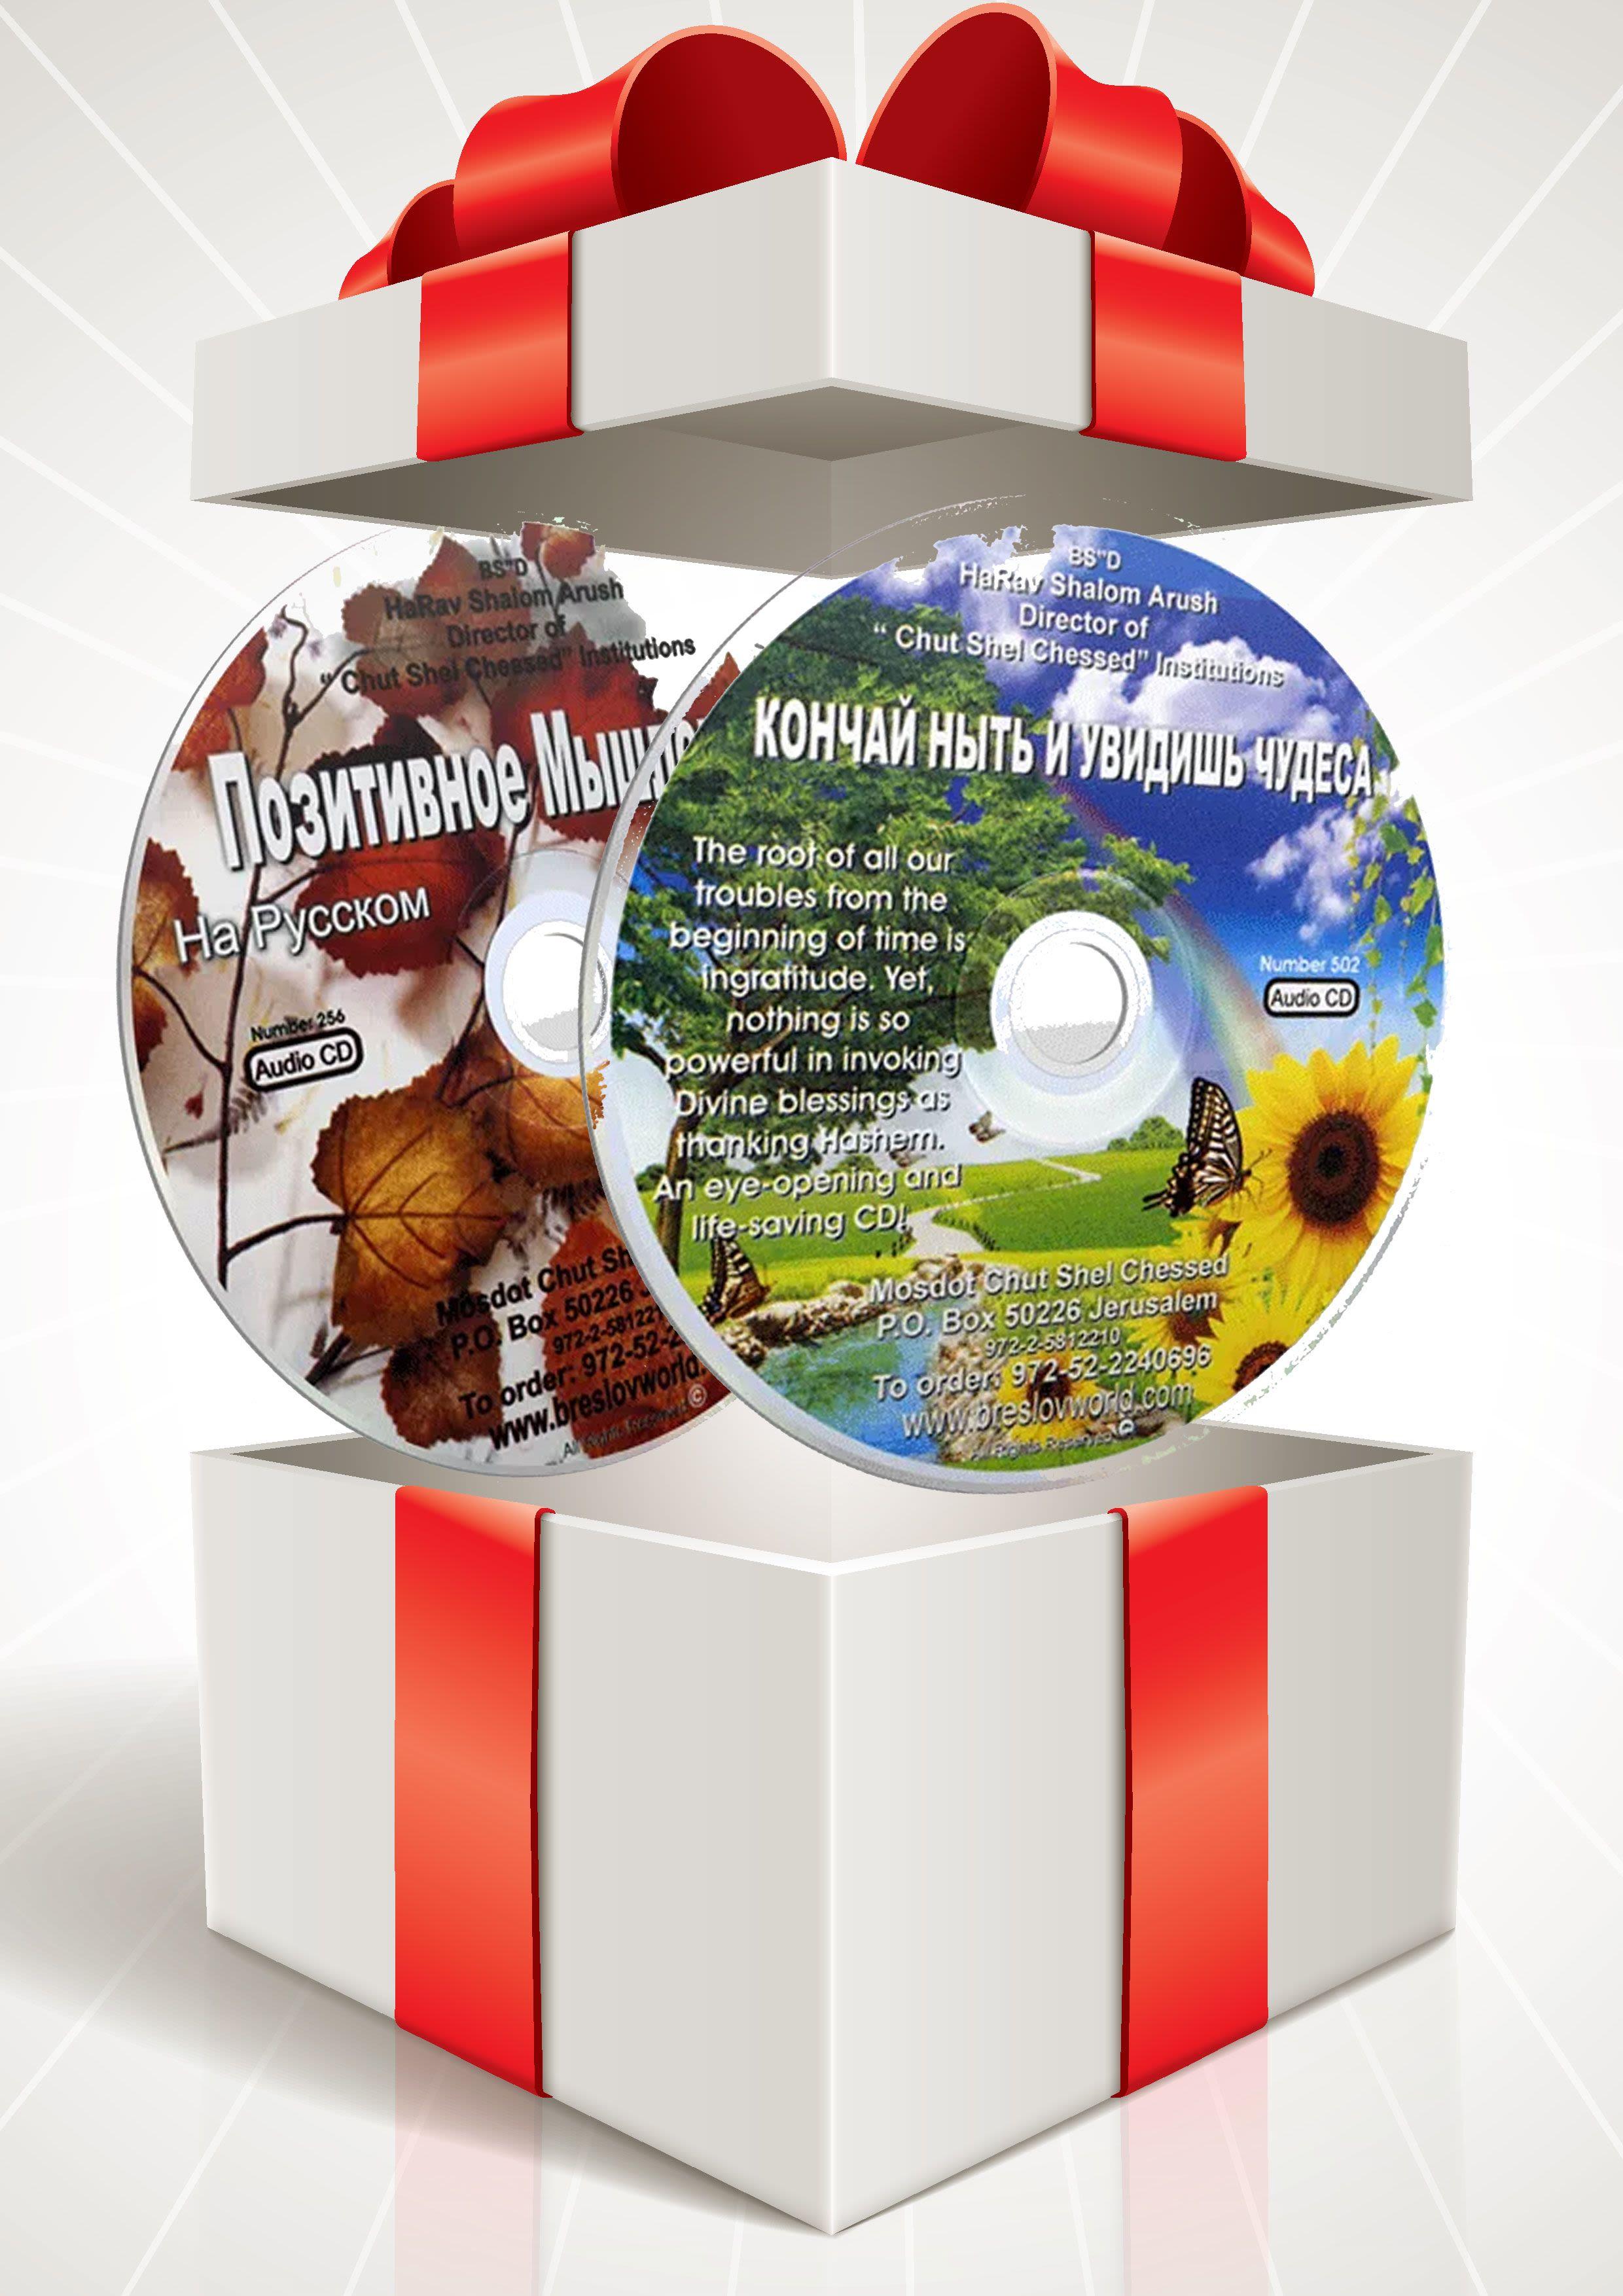 Комплект дисков - по специальной цене для подписчиков рассылки